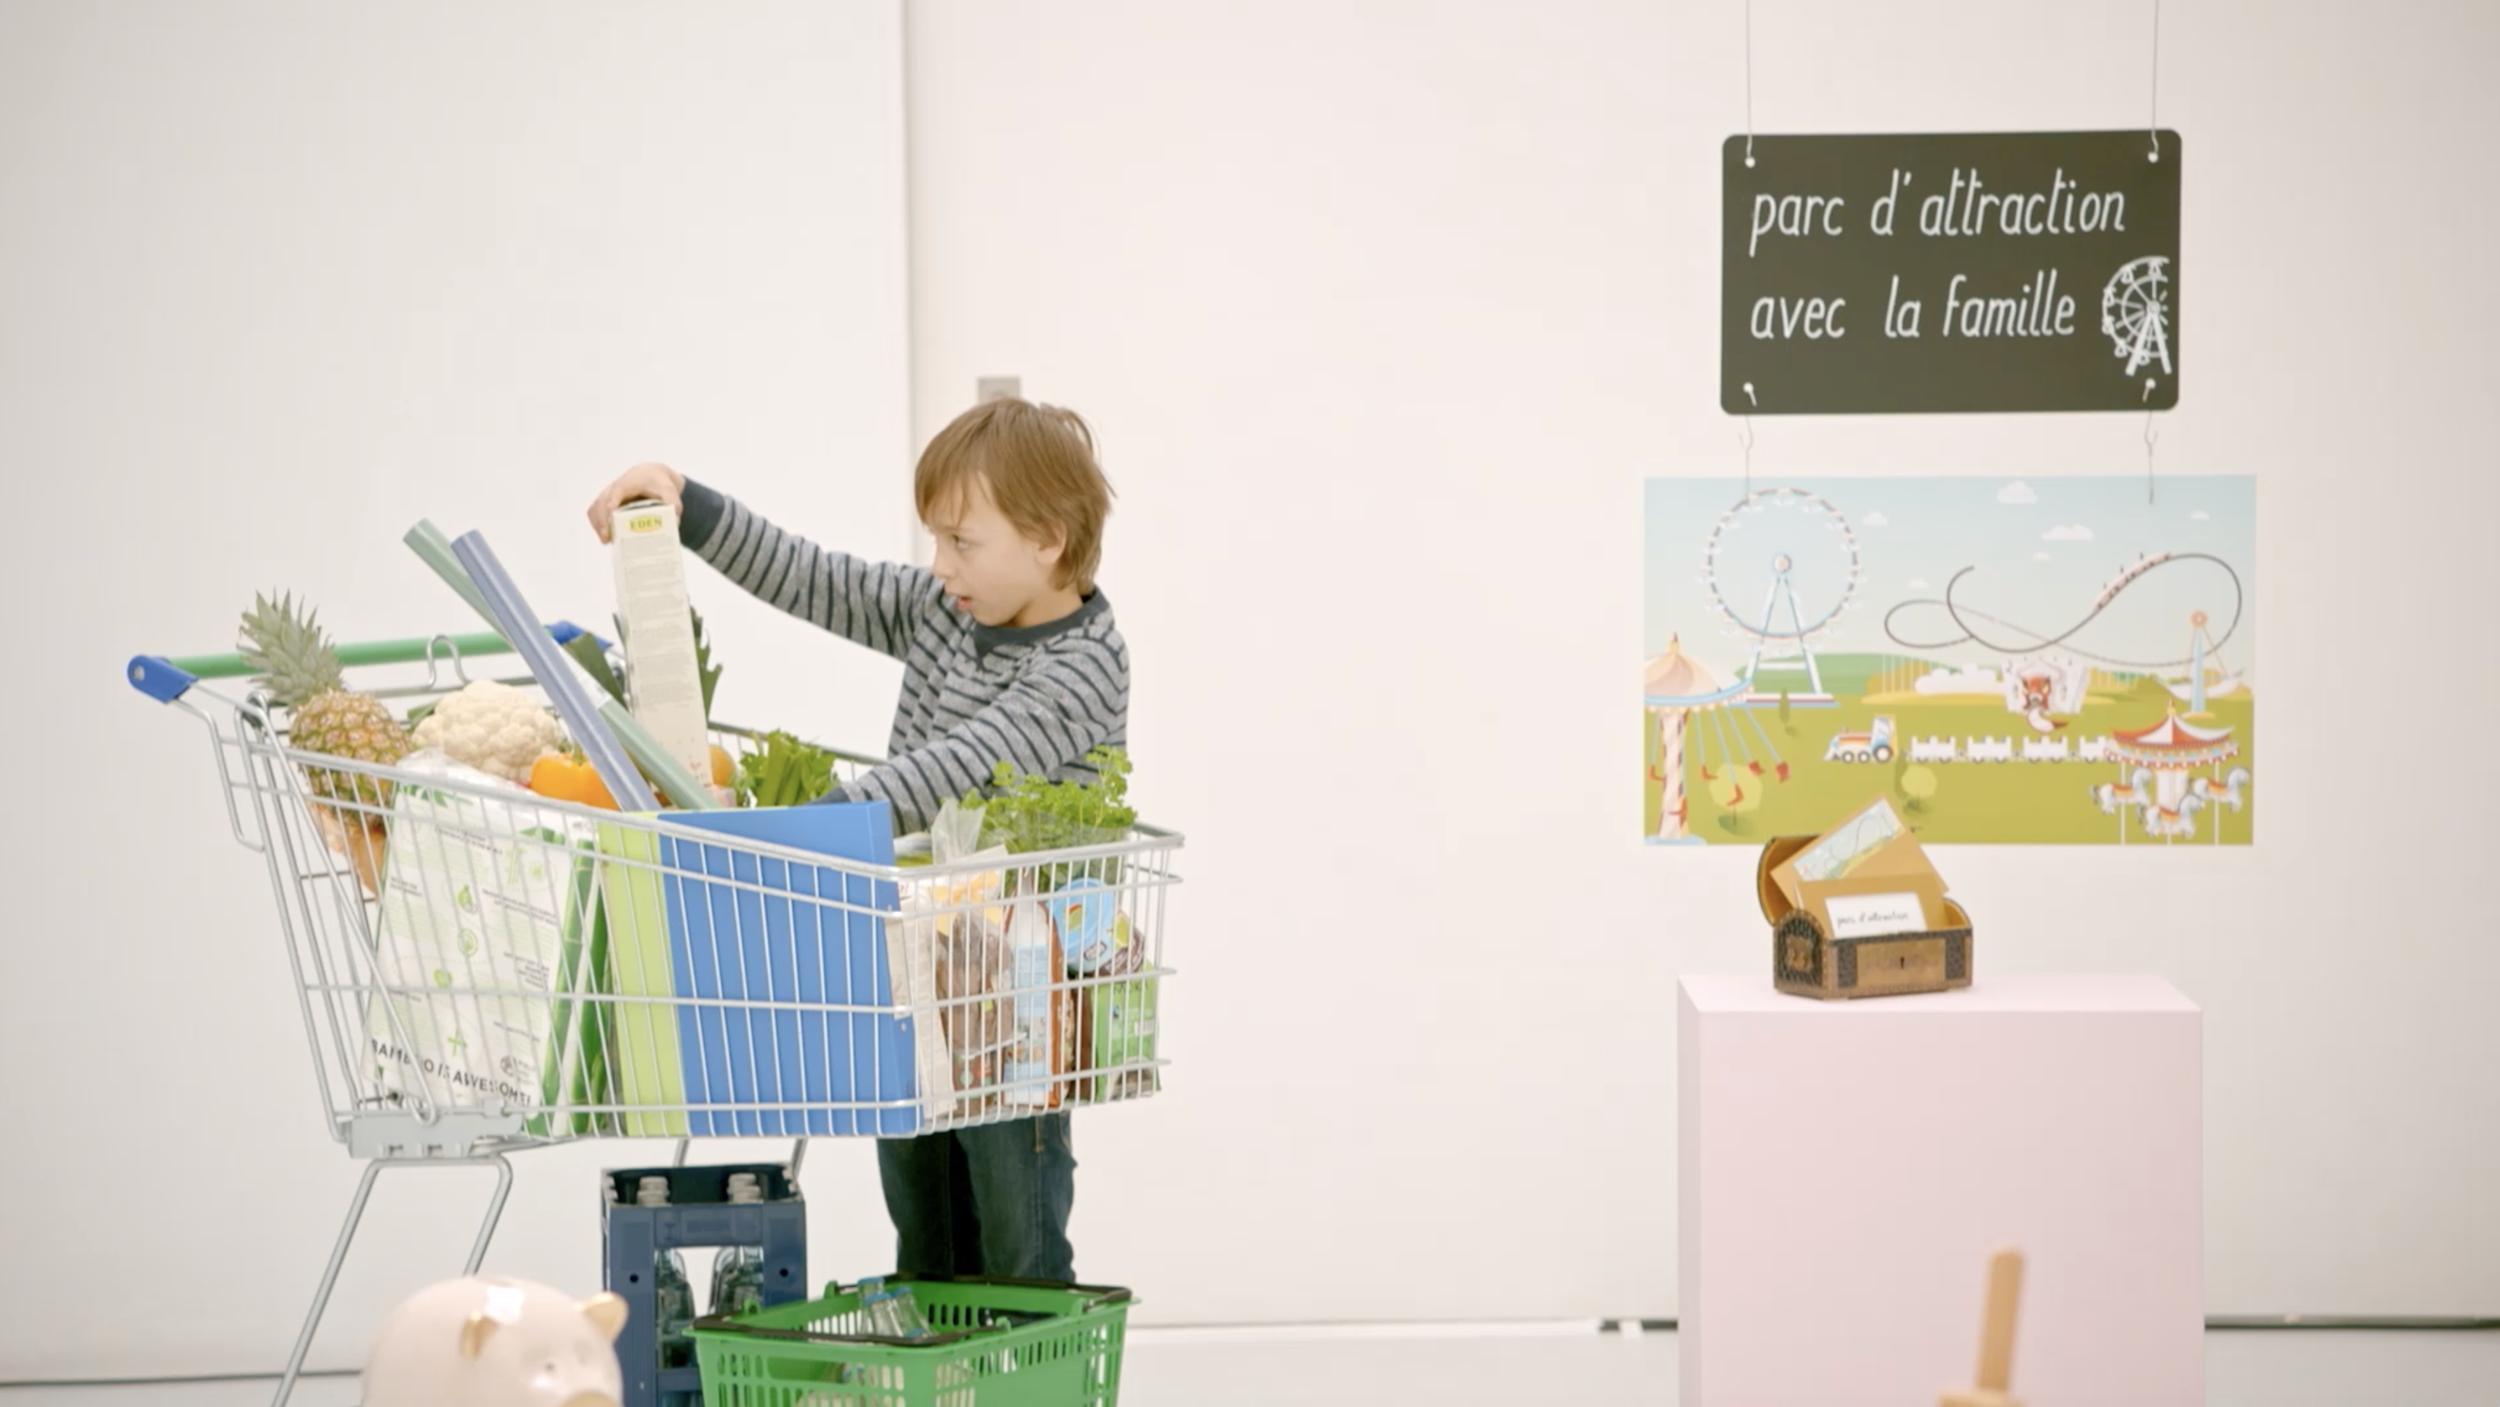 KidsLife Campaign Image 2